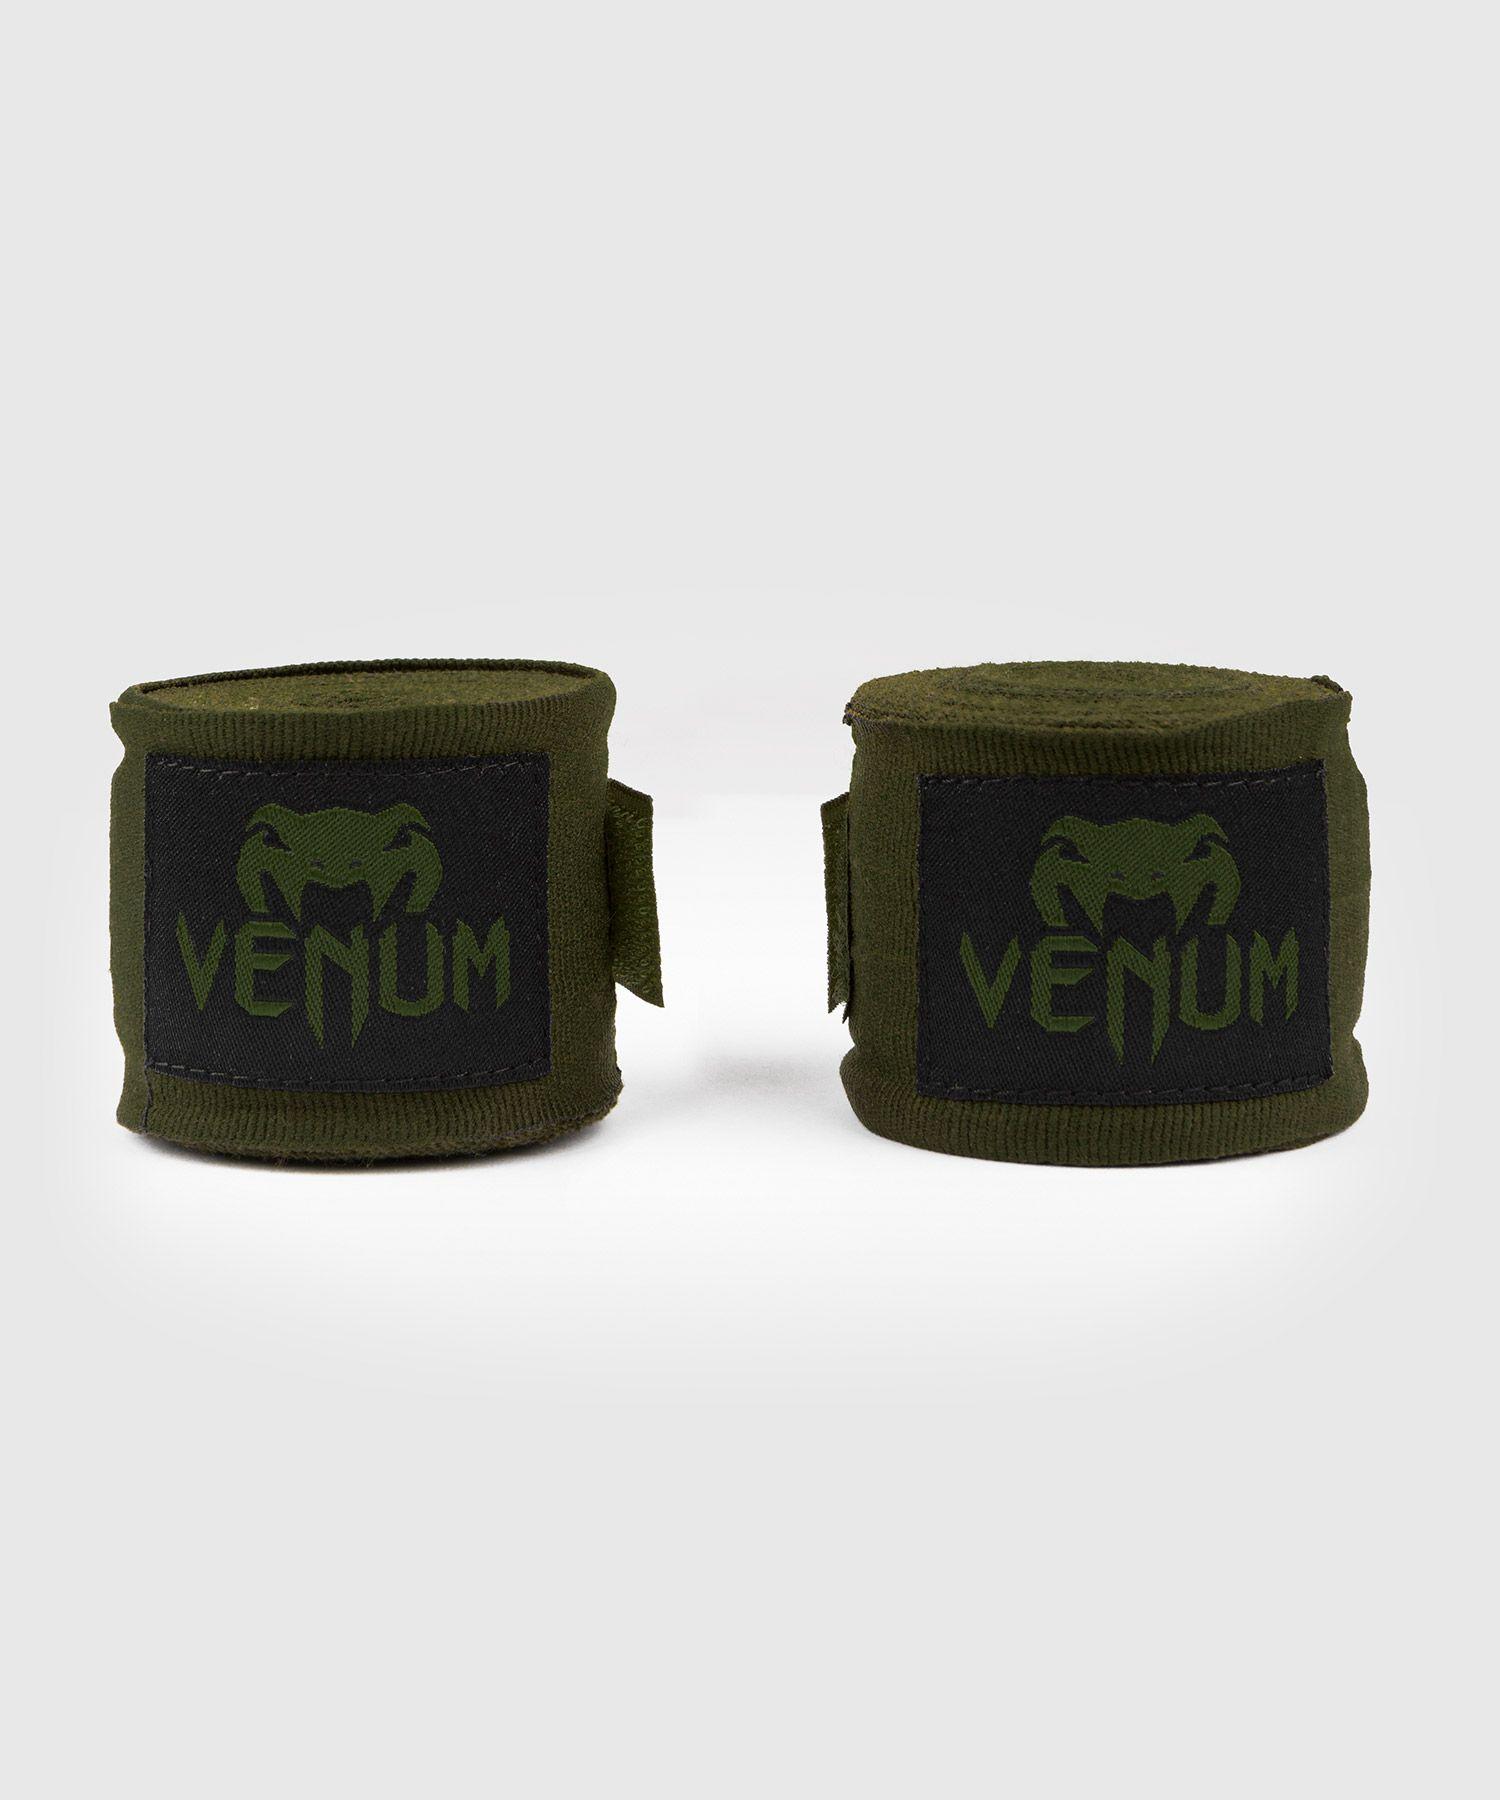 베넘 컨택트 복싱 핸드랩 - 4m - 카키/블랙